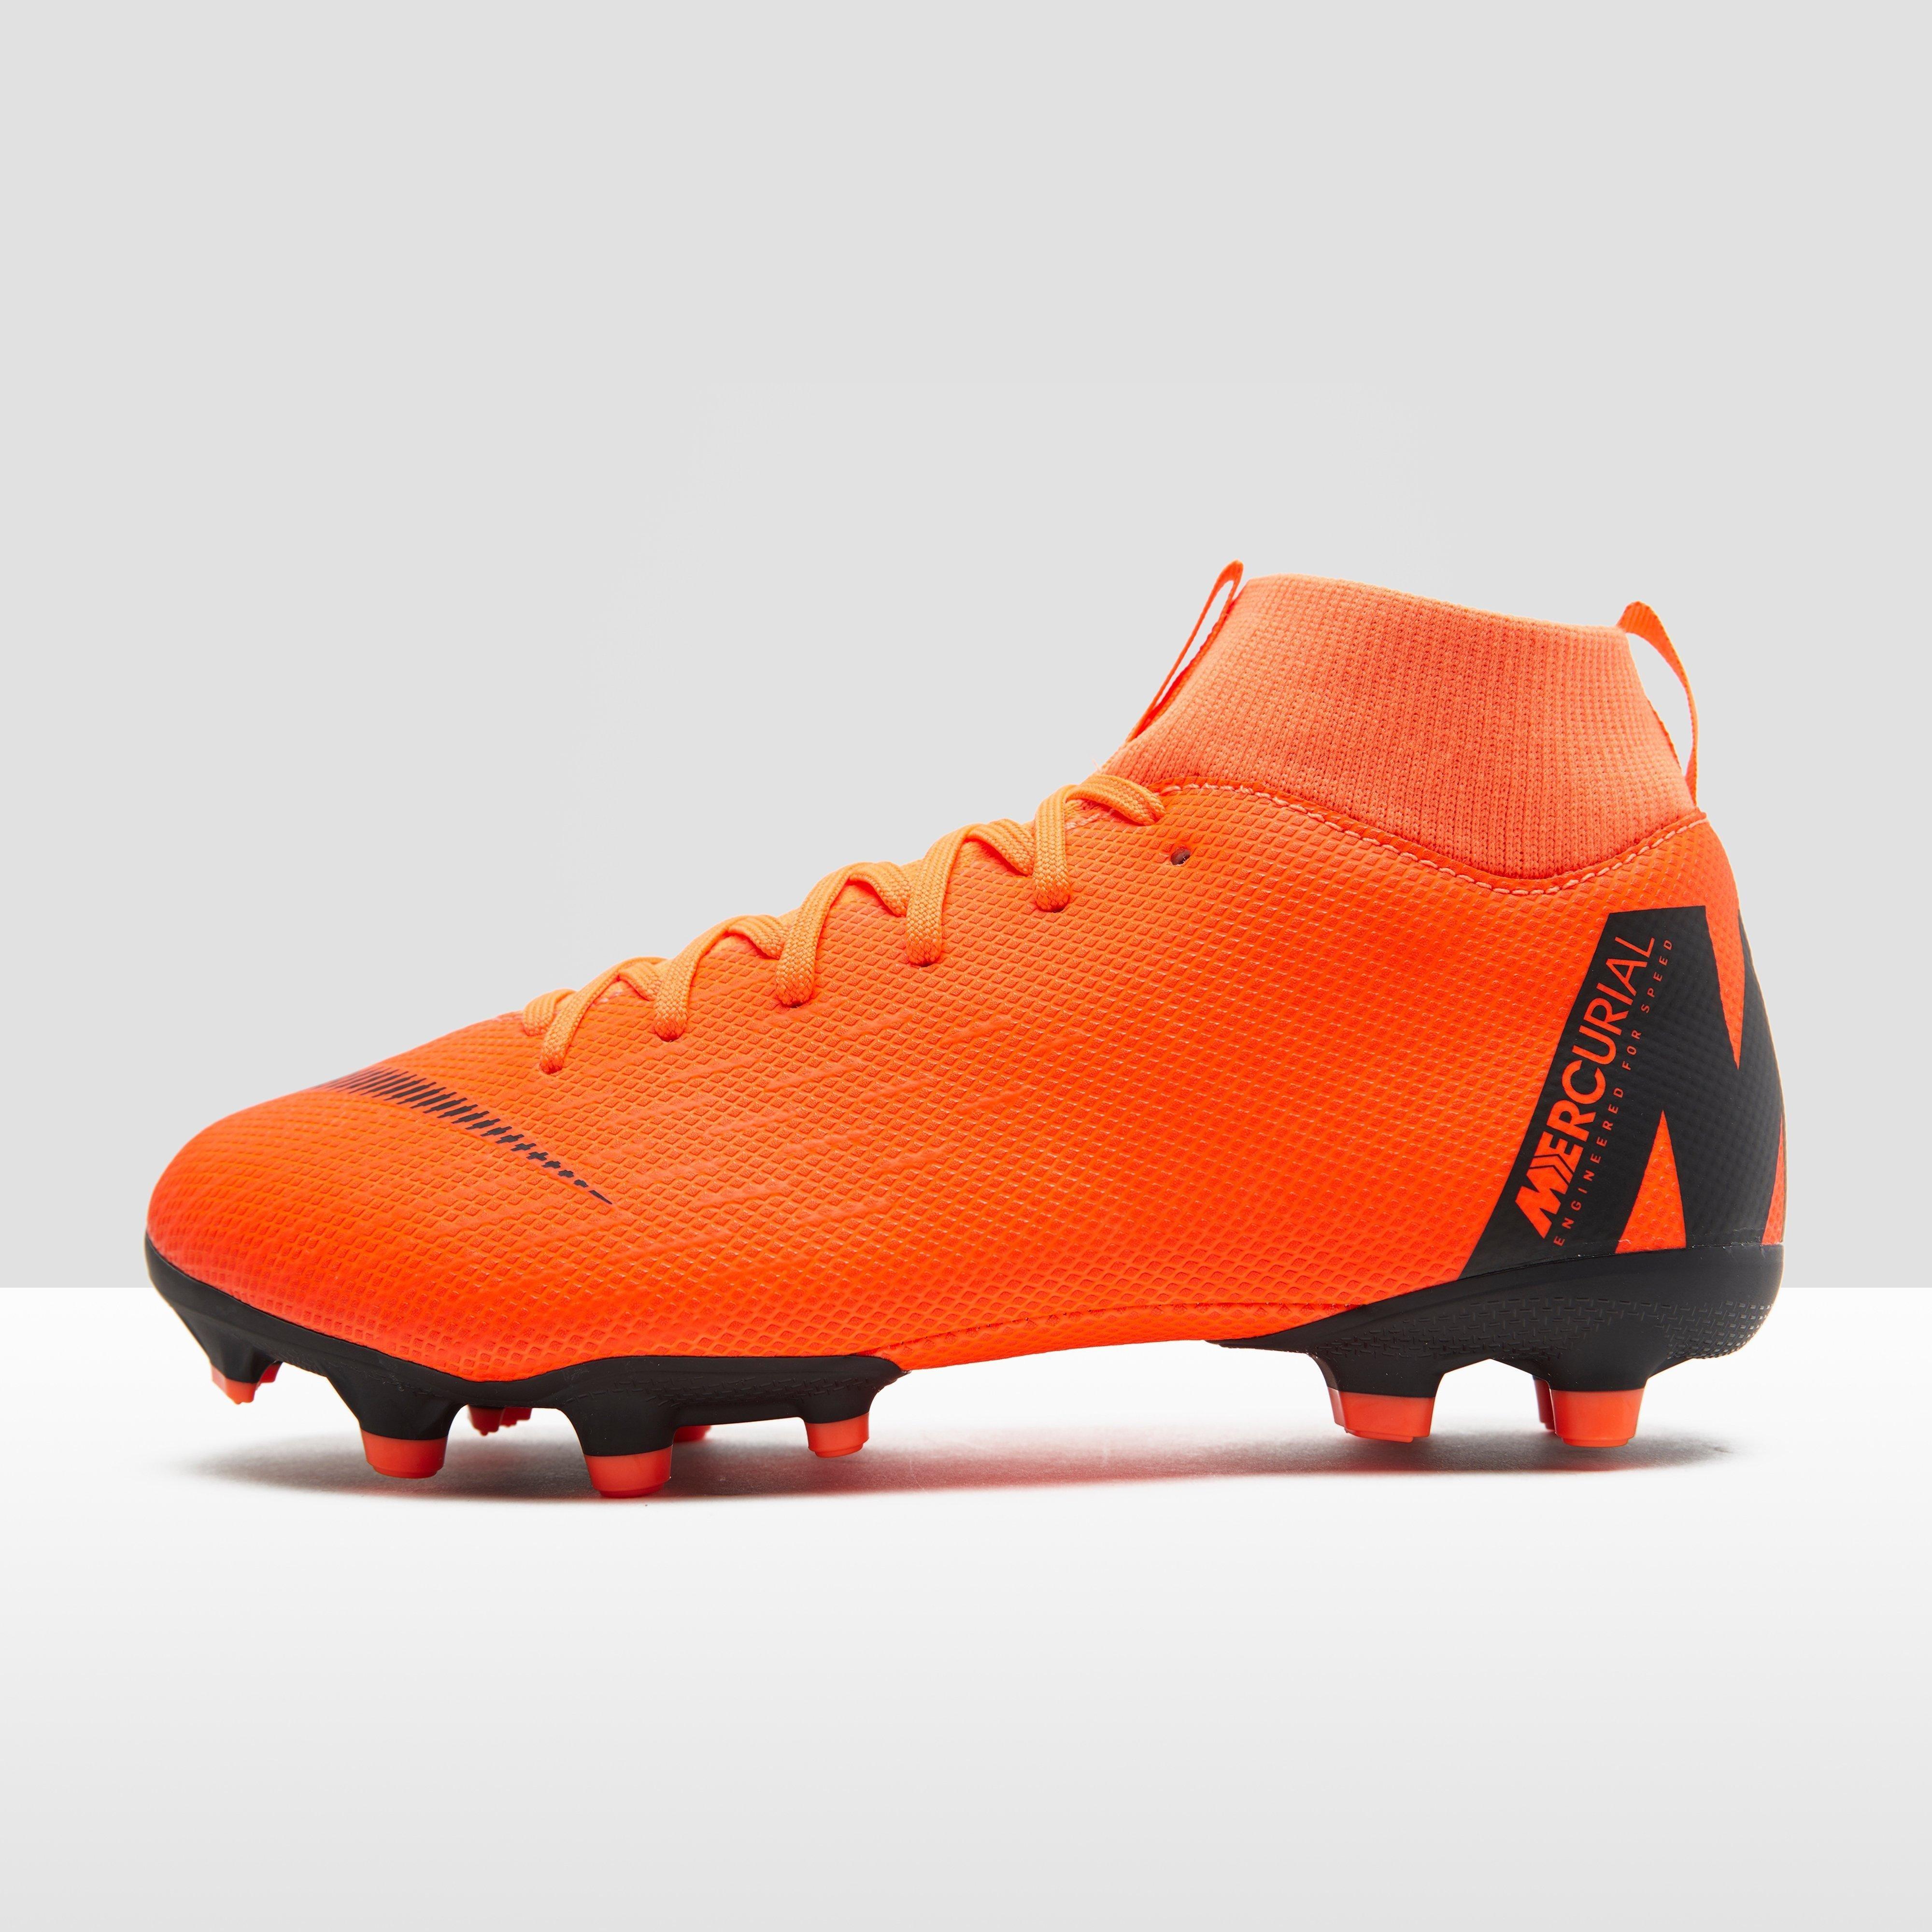 Orange, Chaussures Nike Mercurial Superfly En Taille 35 Hommes